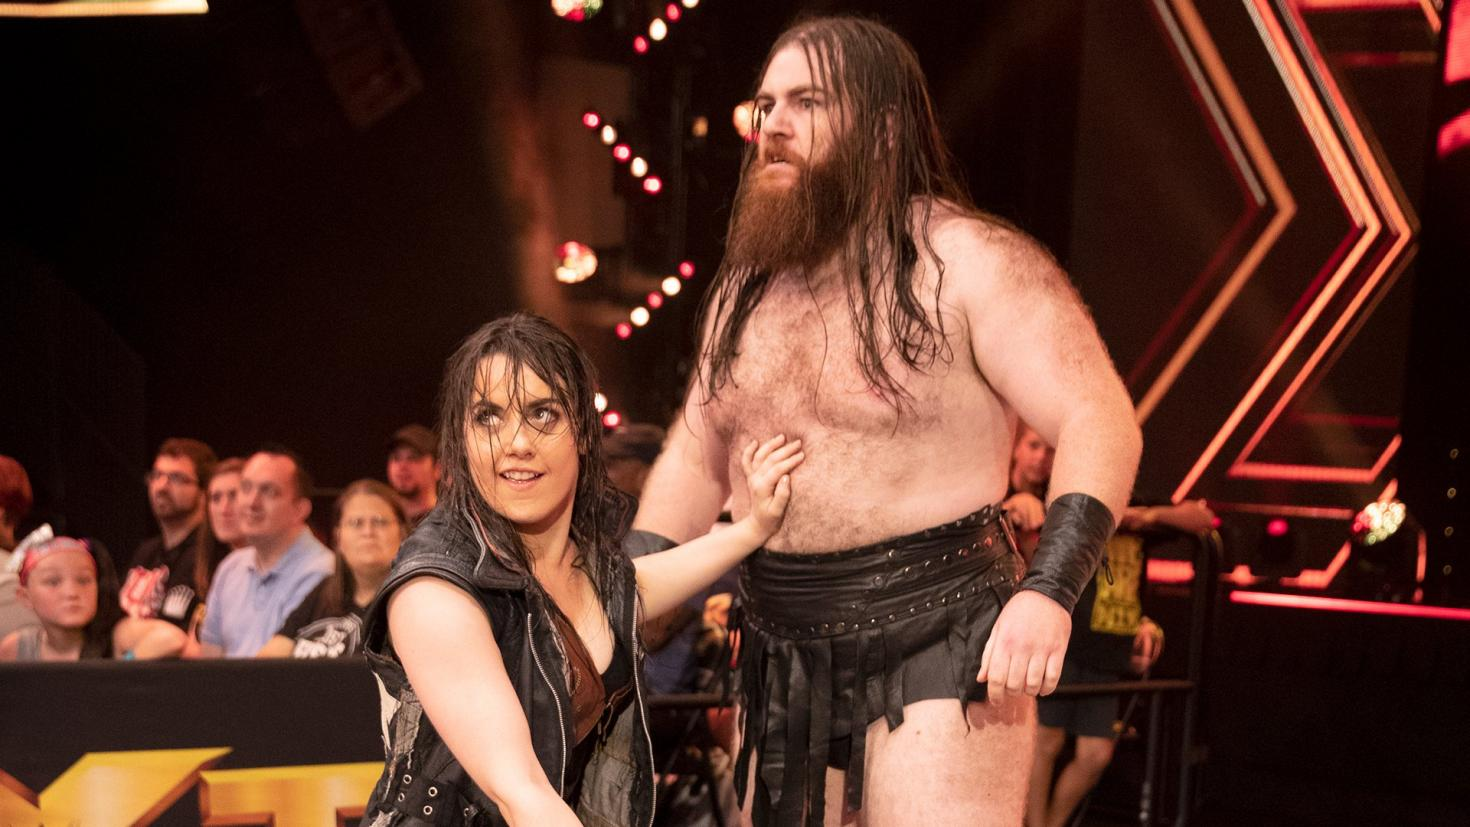 इस पूर्व चैंपियन ने की गजब की बॉडी ट्रांसफॉर्मेशन, पढ़ें आज की WWE से जुड़ी ऐसी ही सभी दिलचस्प ख़बरें 3